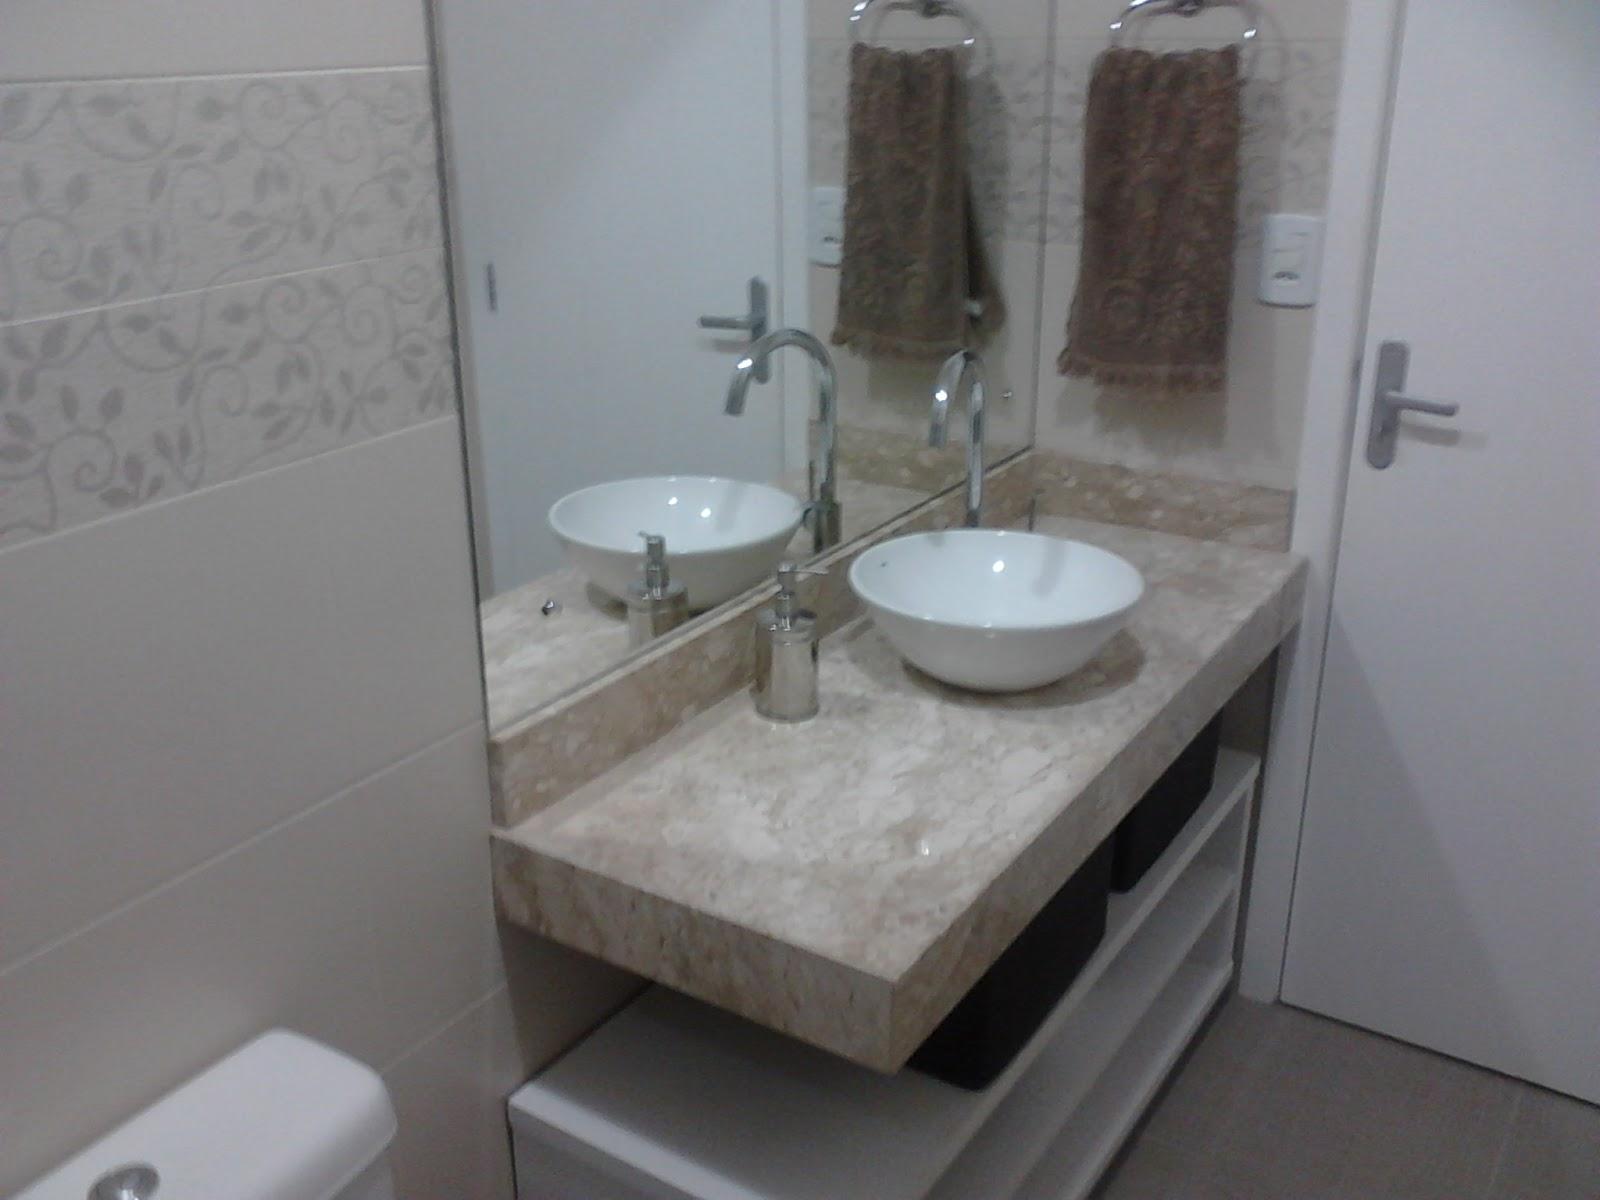 Imagens de #5B6670 Já na cozinha de 11 4m² os proprietários solicitaram uma projeto  1600x1200 px 3698 Banheiros Prontos Fotos